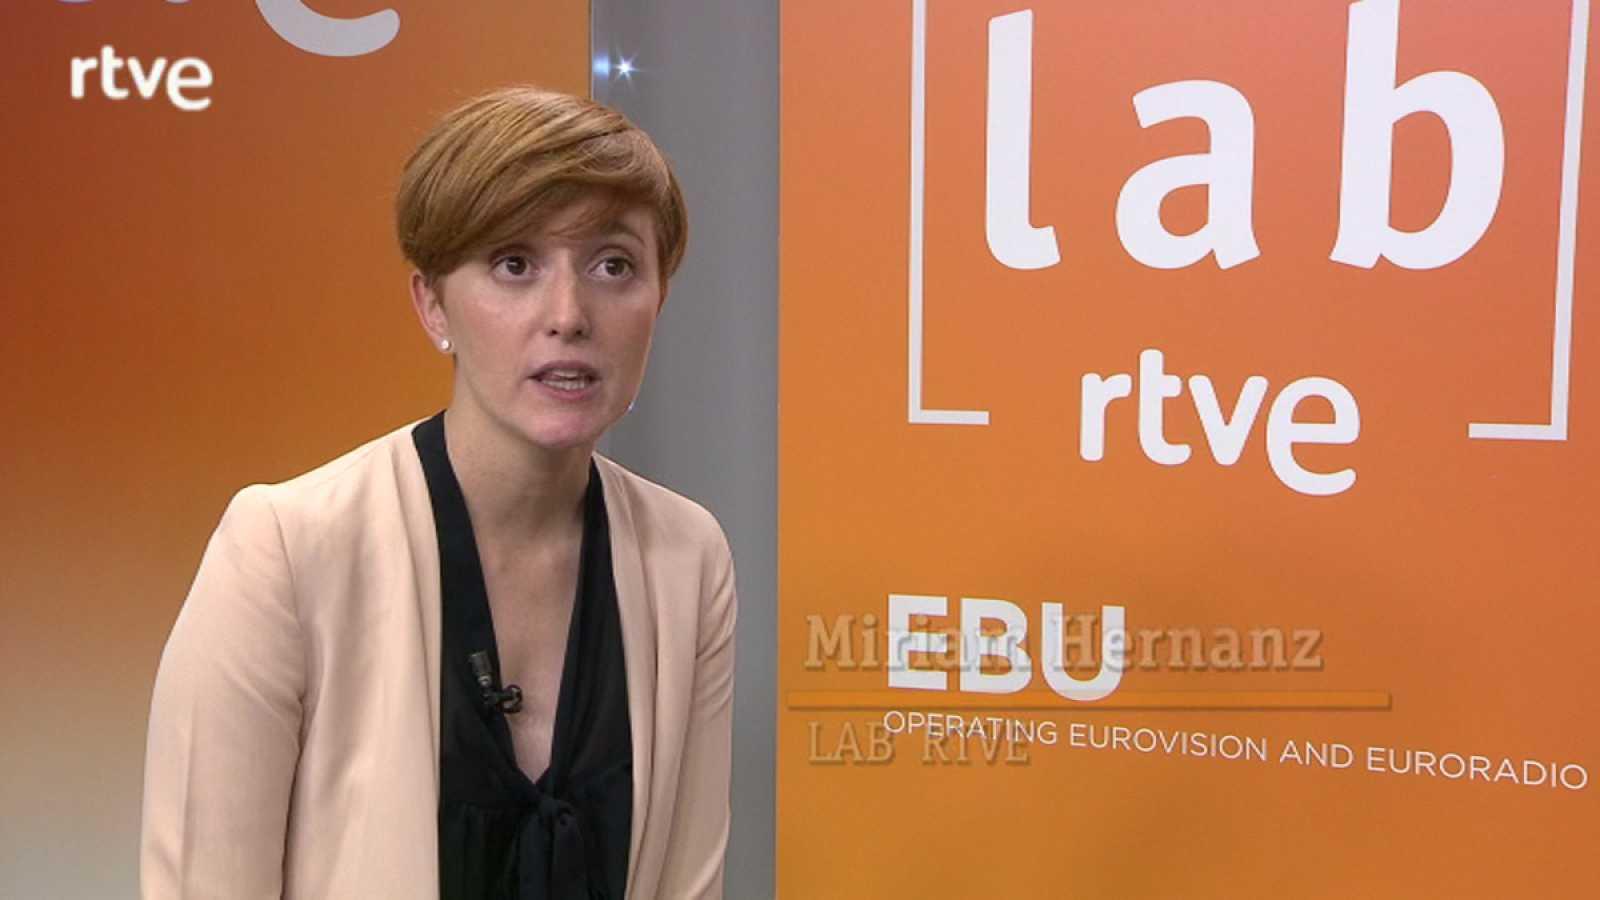 Los laboratorios de innovación de Europa se reúnen en Madrid - Ver ahora